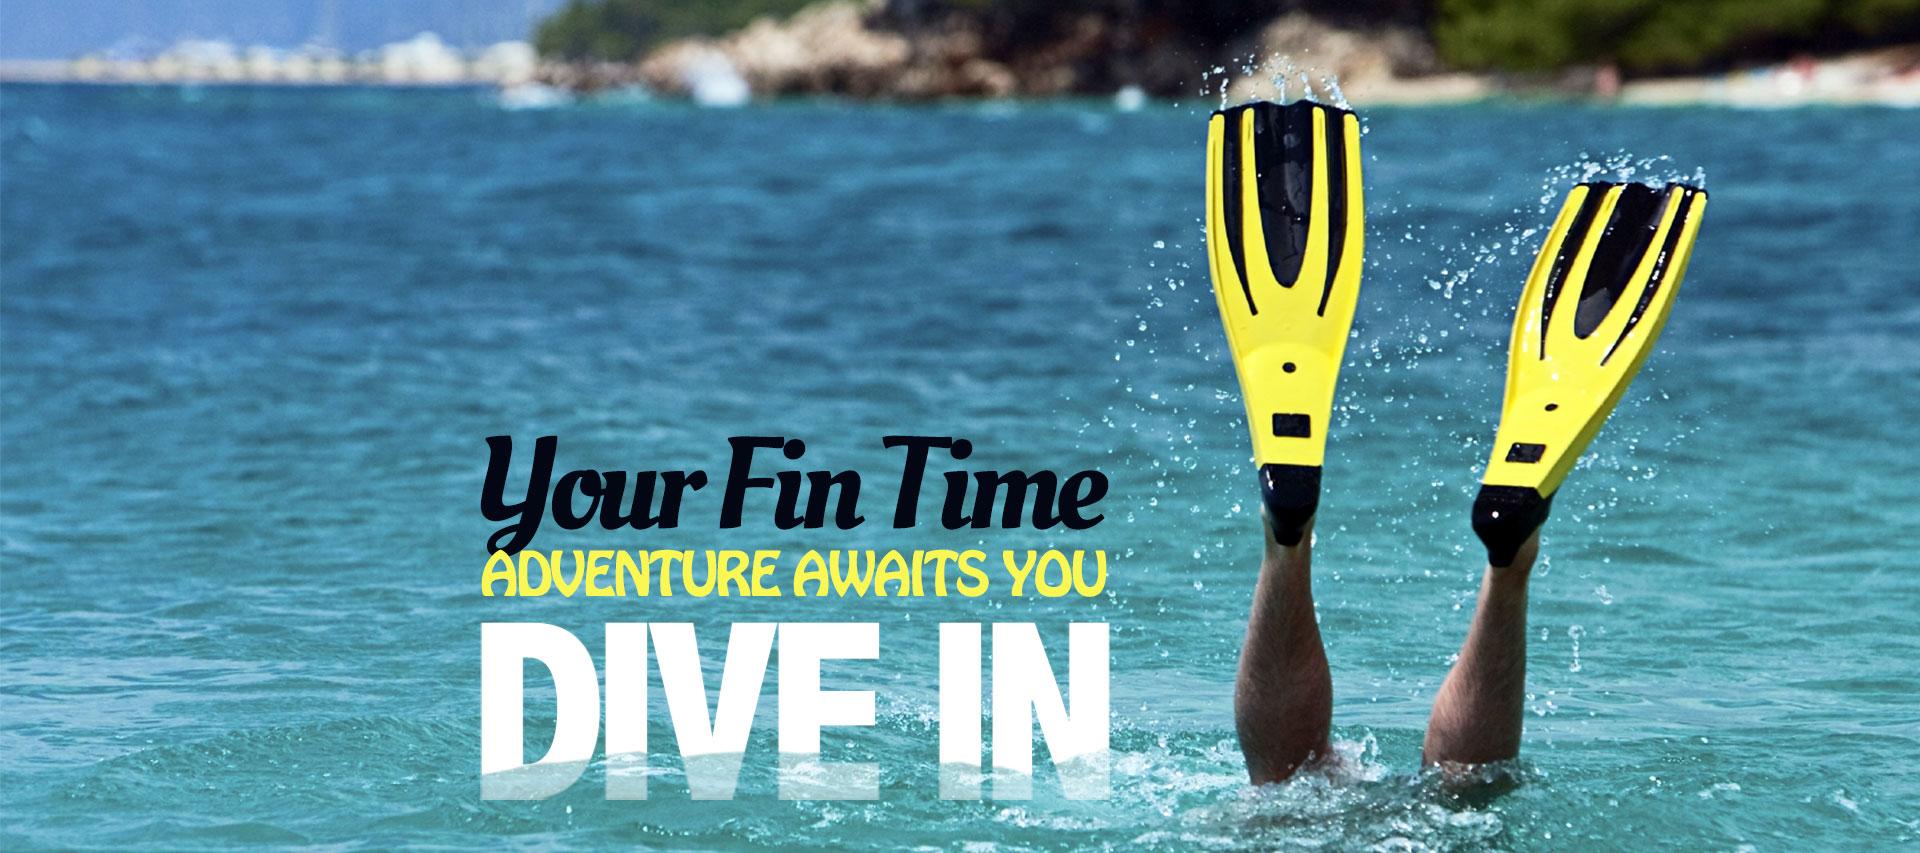 dive-in-snorkeling-image.jpg